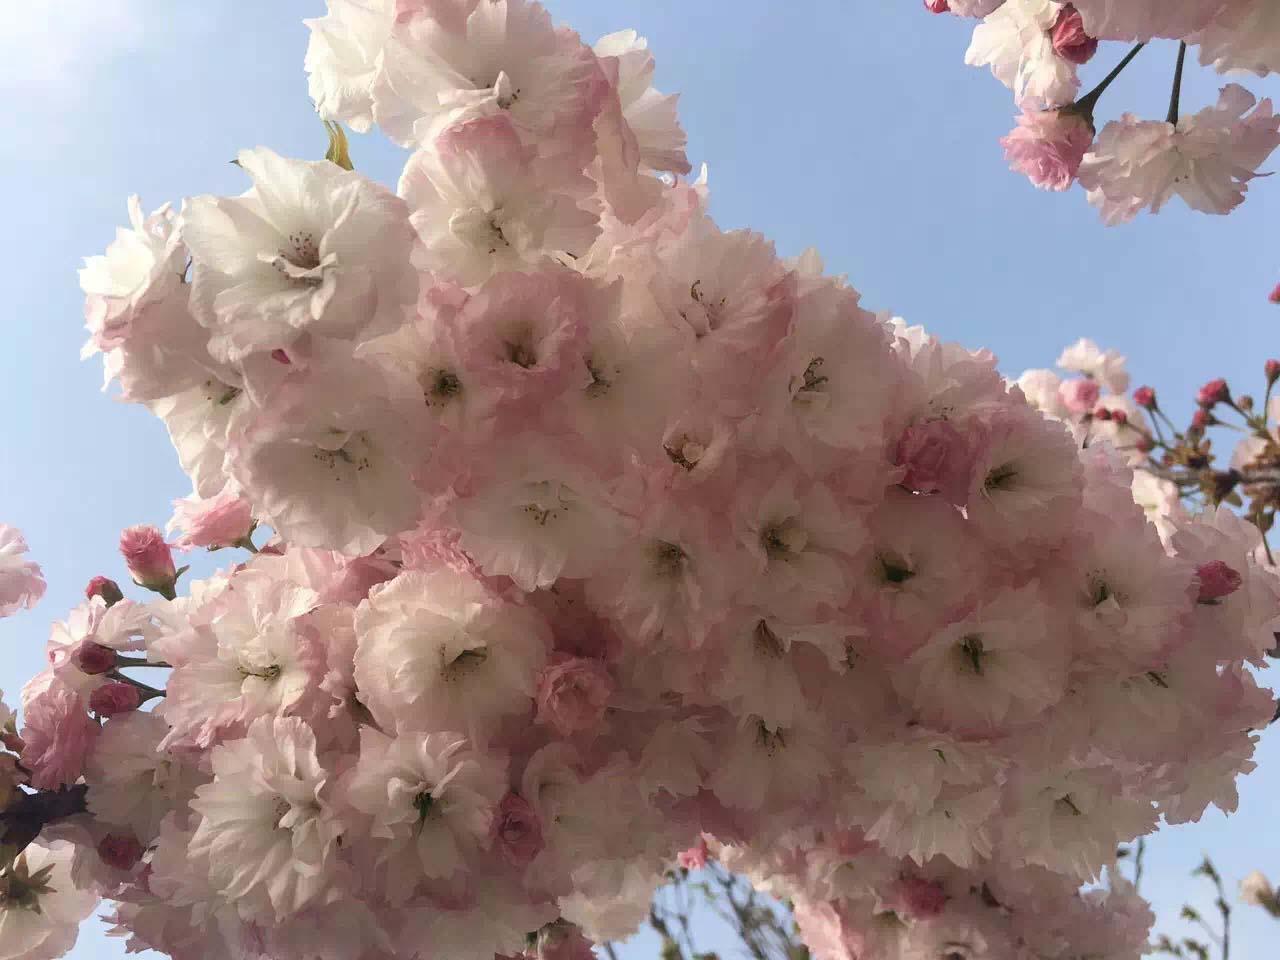 正宗的日本晚樱树苗-哪里能买到日本晚樱-哪里有日本晚樱小苗